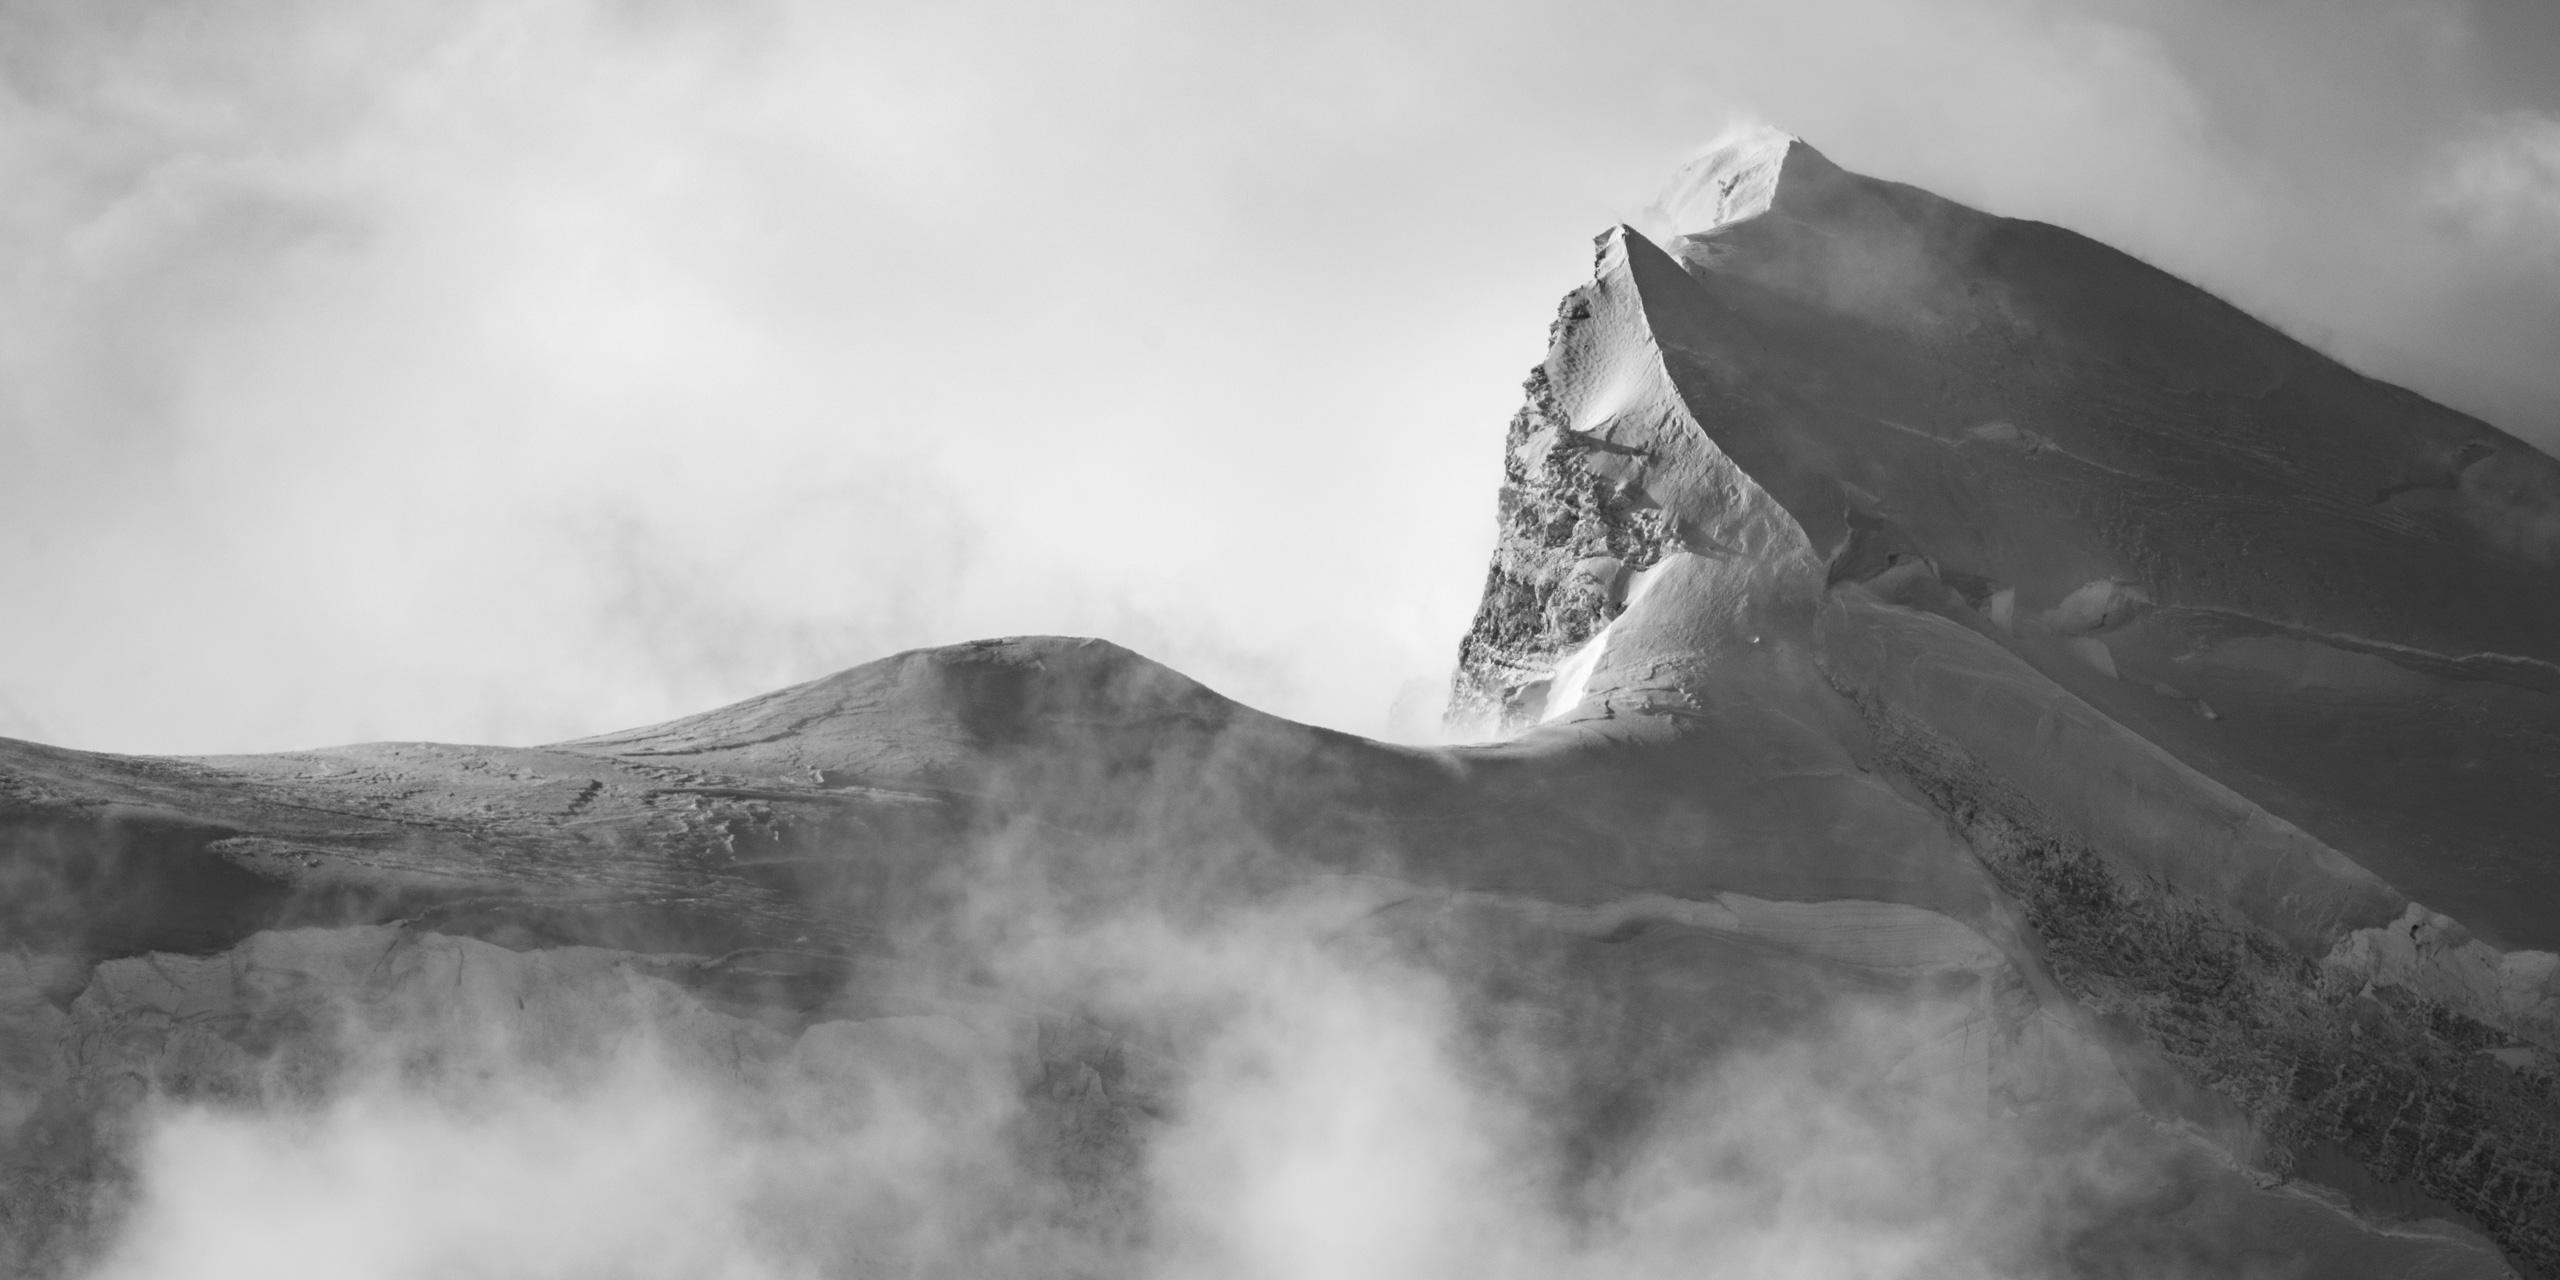 Grand Combin - photo hd montagne des sommets des Alpes en noir et blanc avec mer de nuage brumeuse après une tempête de neige